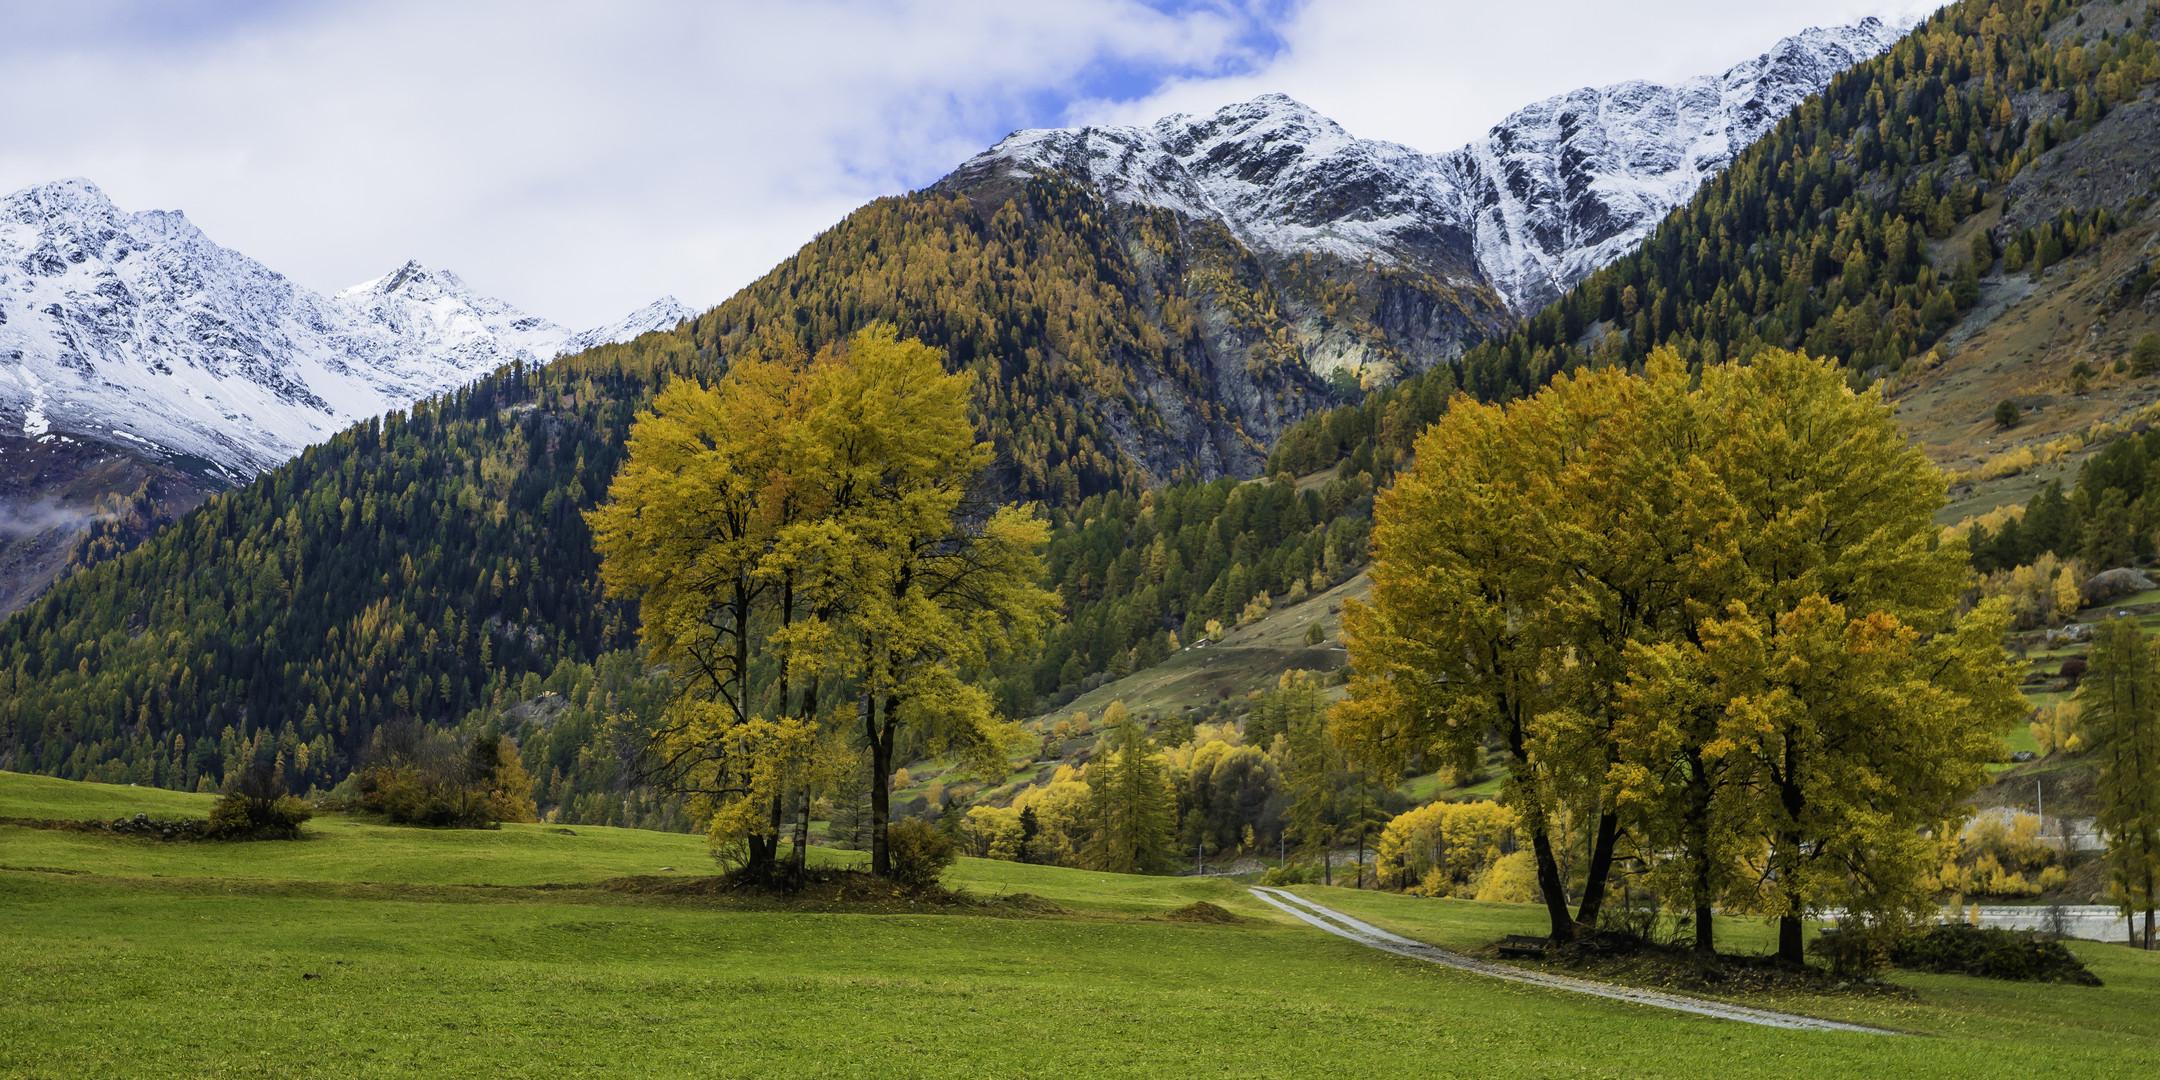 Herbstlicher Laubbaumtraum - I